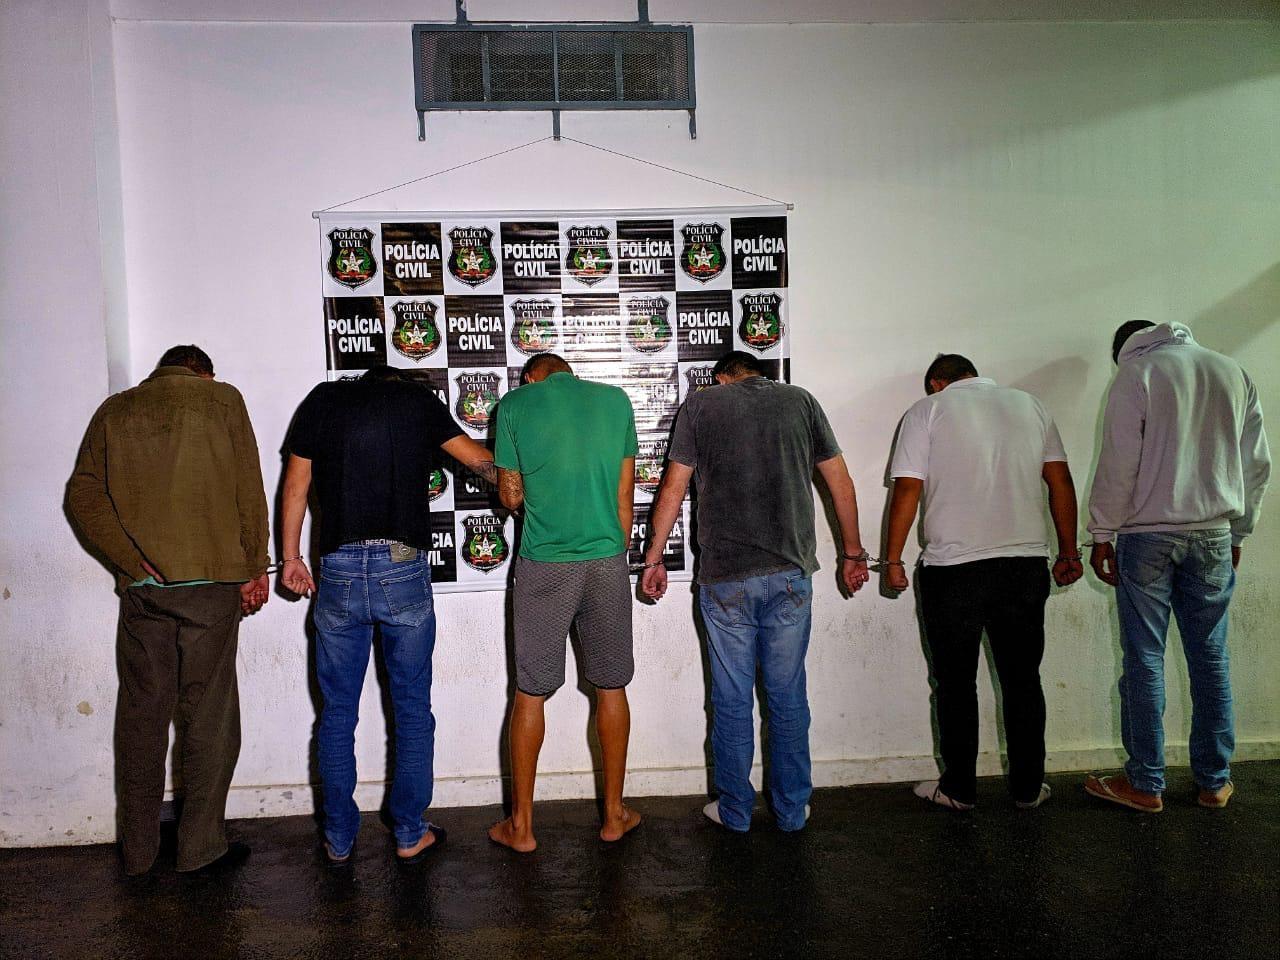 c5a575dca5 ... um dos suspeitos foi preso em flagrante dentro de um estabelecimento  comercial quando aplicava mais um golpe. Seis pessoas são presas suspeitas  em ...